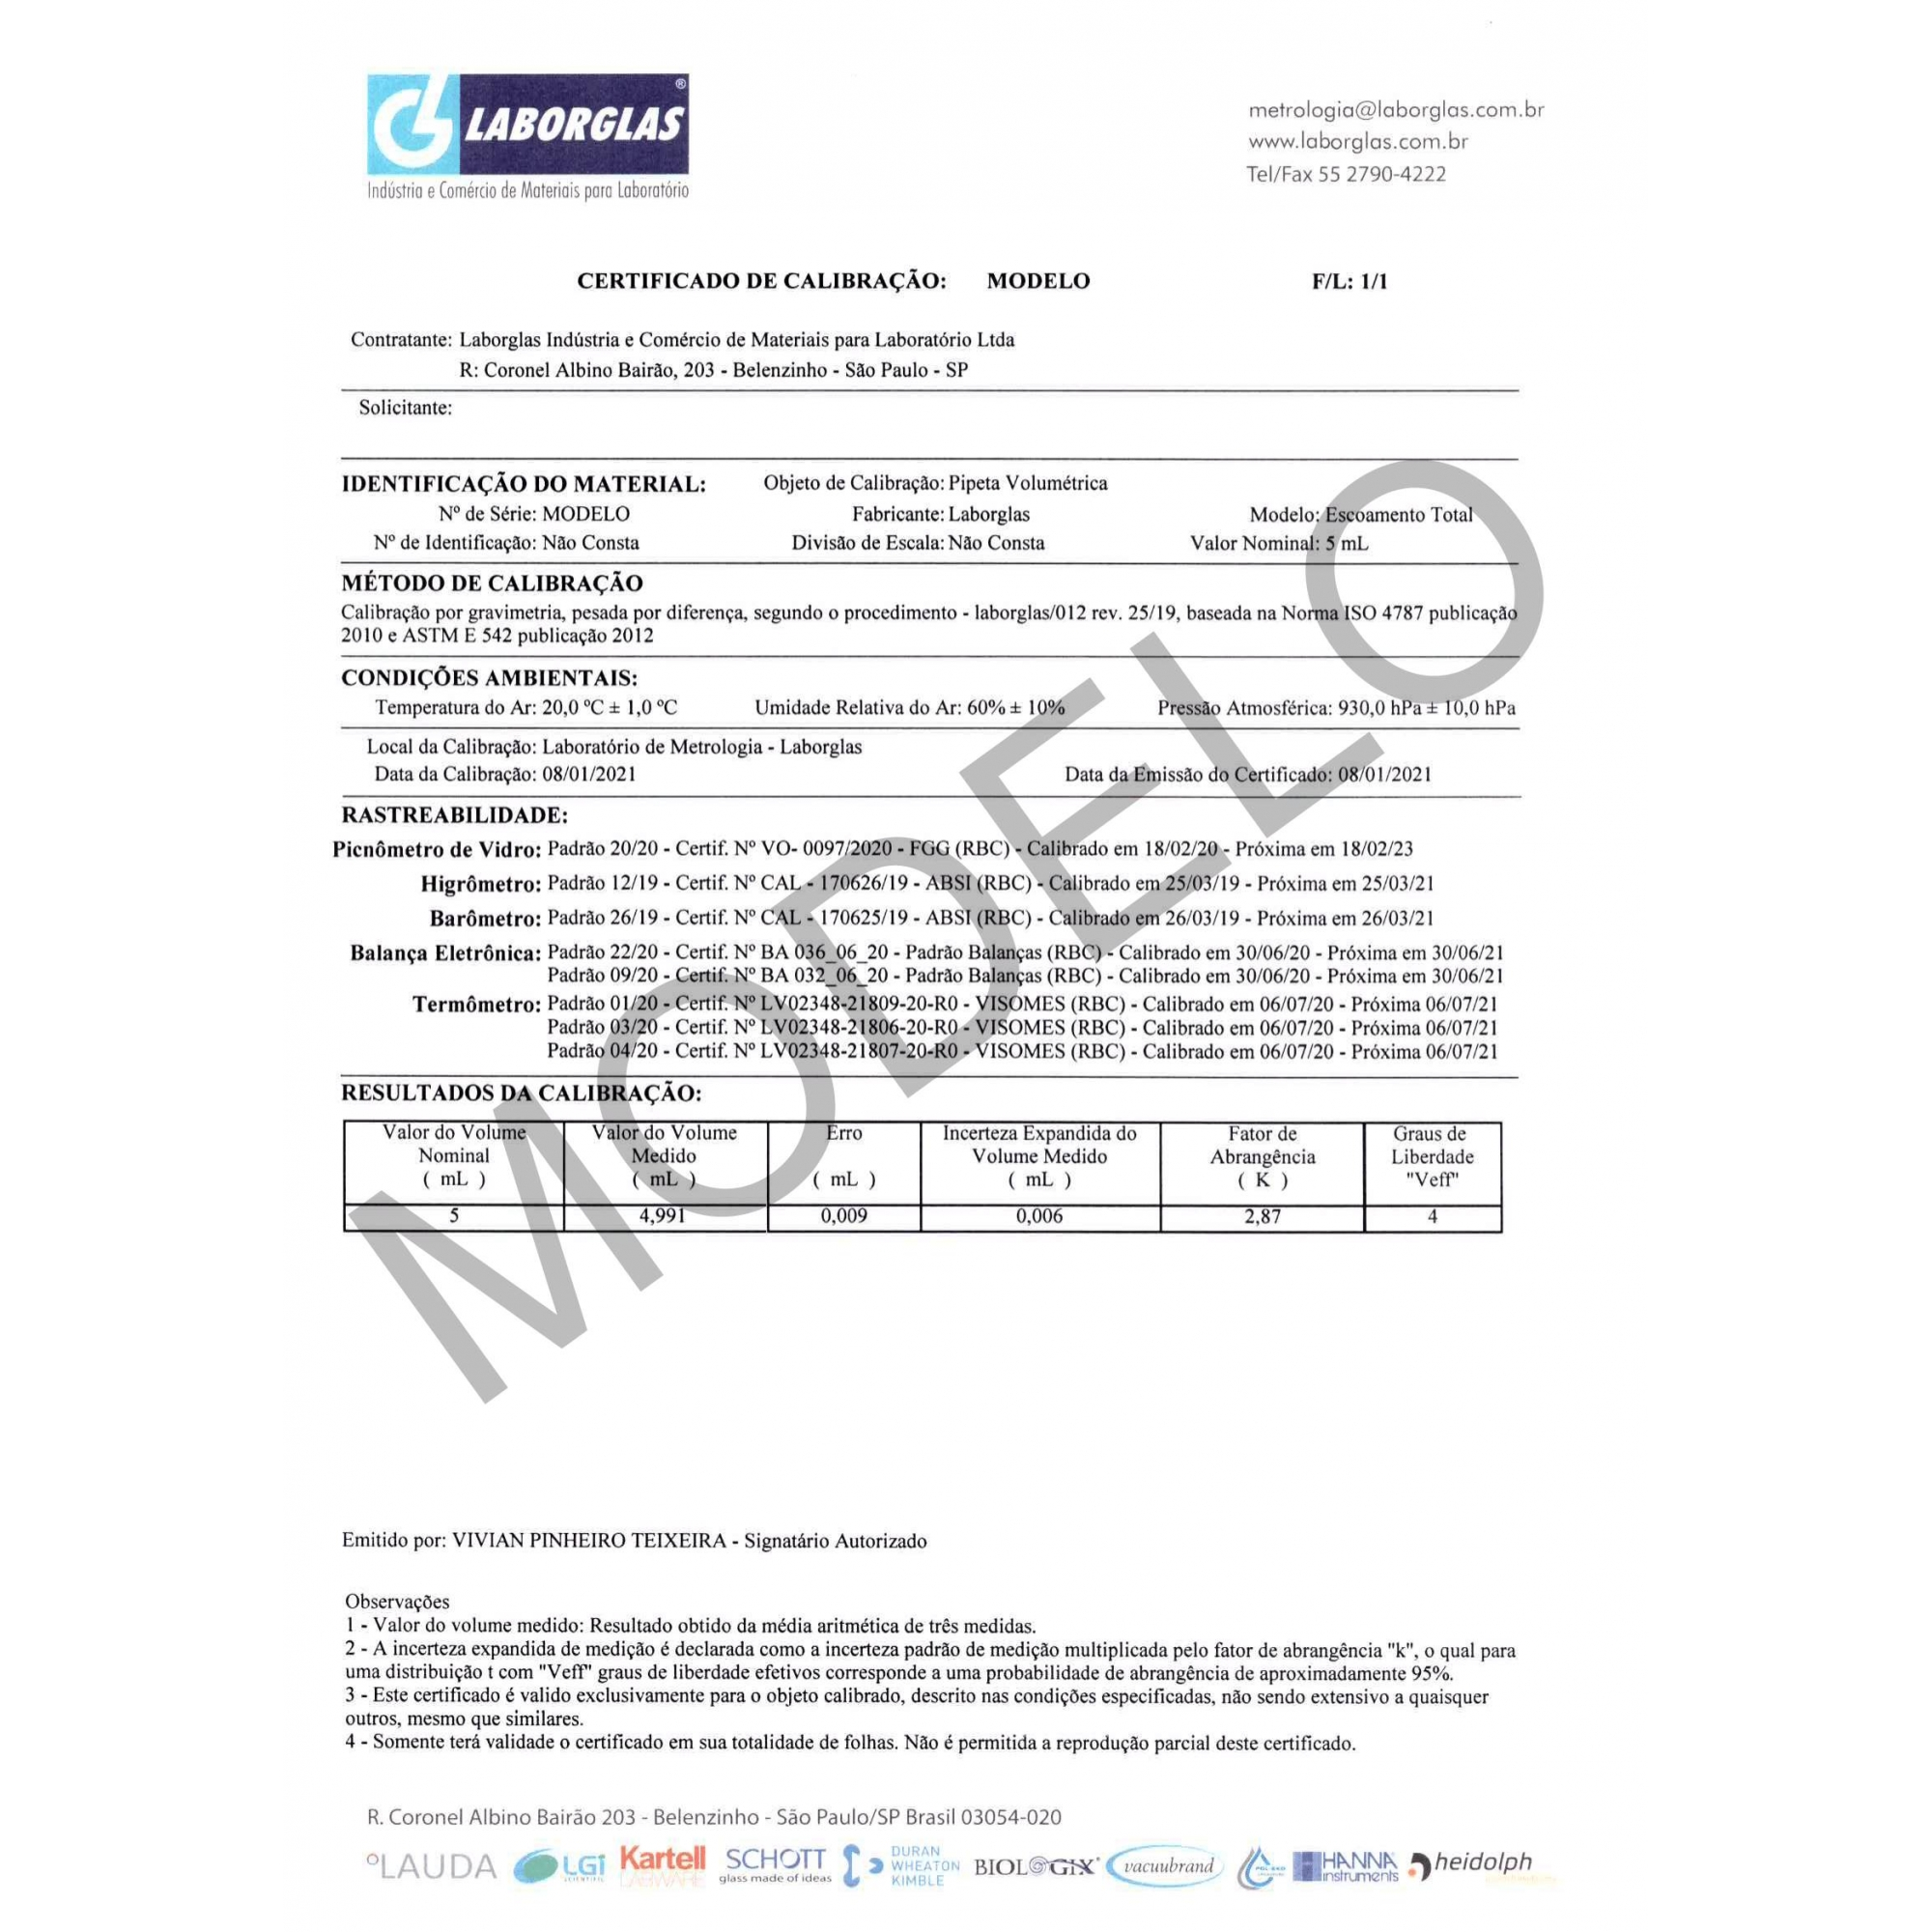 PIPETA VOLUMÉTRICA ESGOTAMENTO TOTAL 3,5 ML CERTIFICADO RASTREÁVEL - Laborglas - Cód. 9433721-C